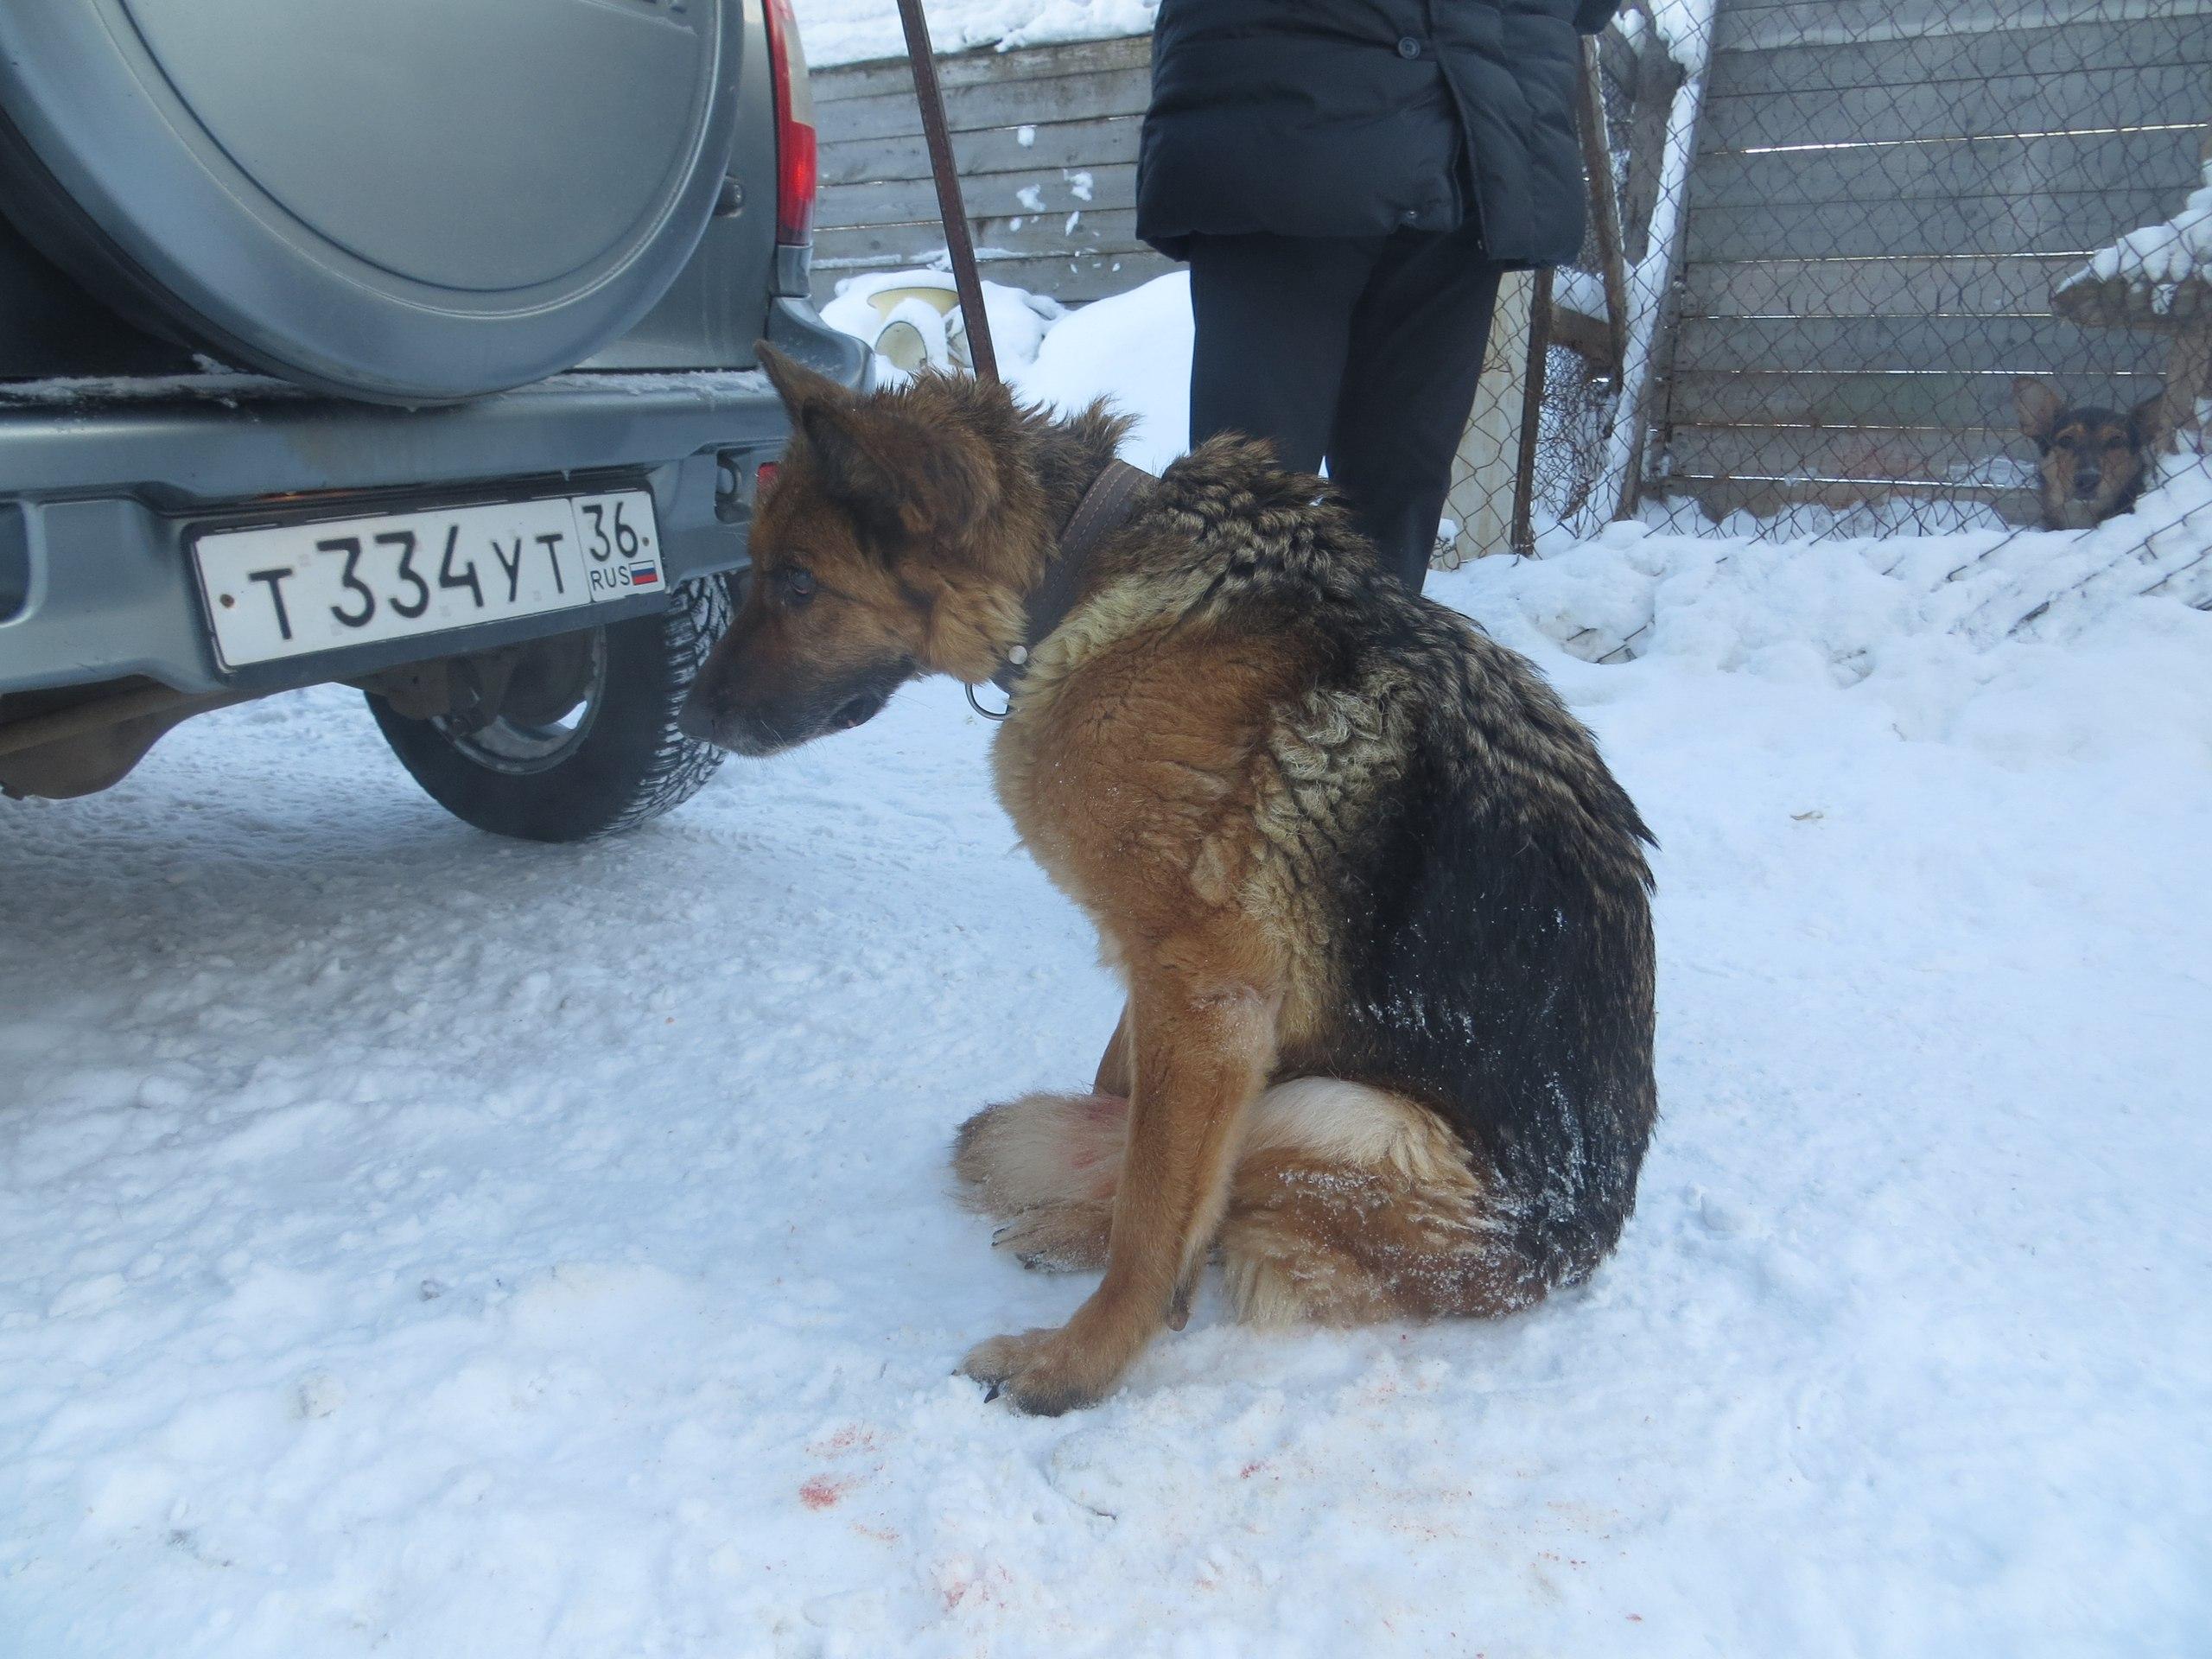 Что делать, если сбил собаку на машине, по законодательству